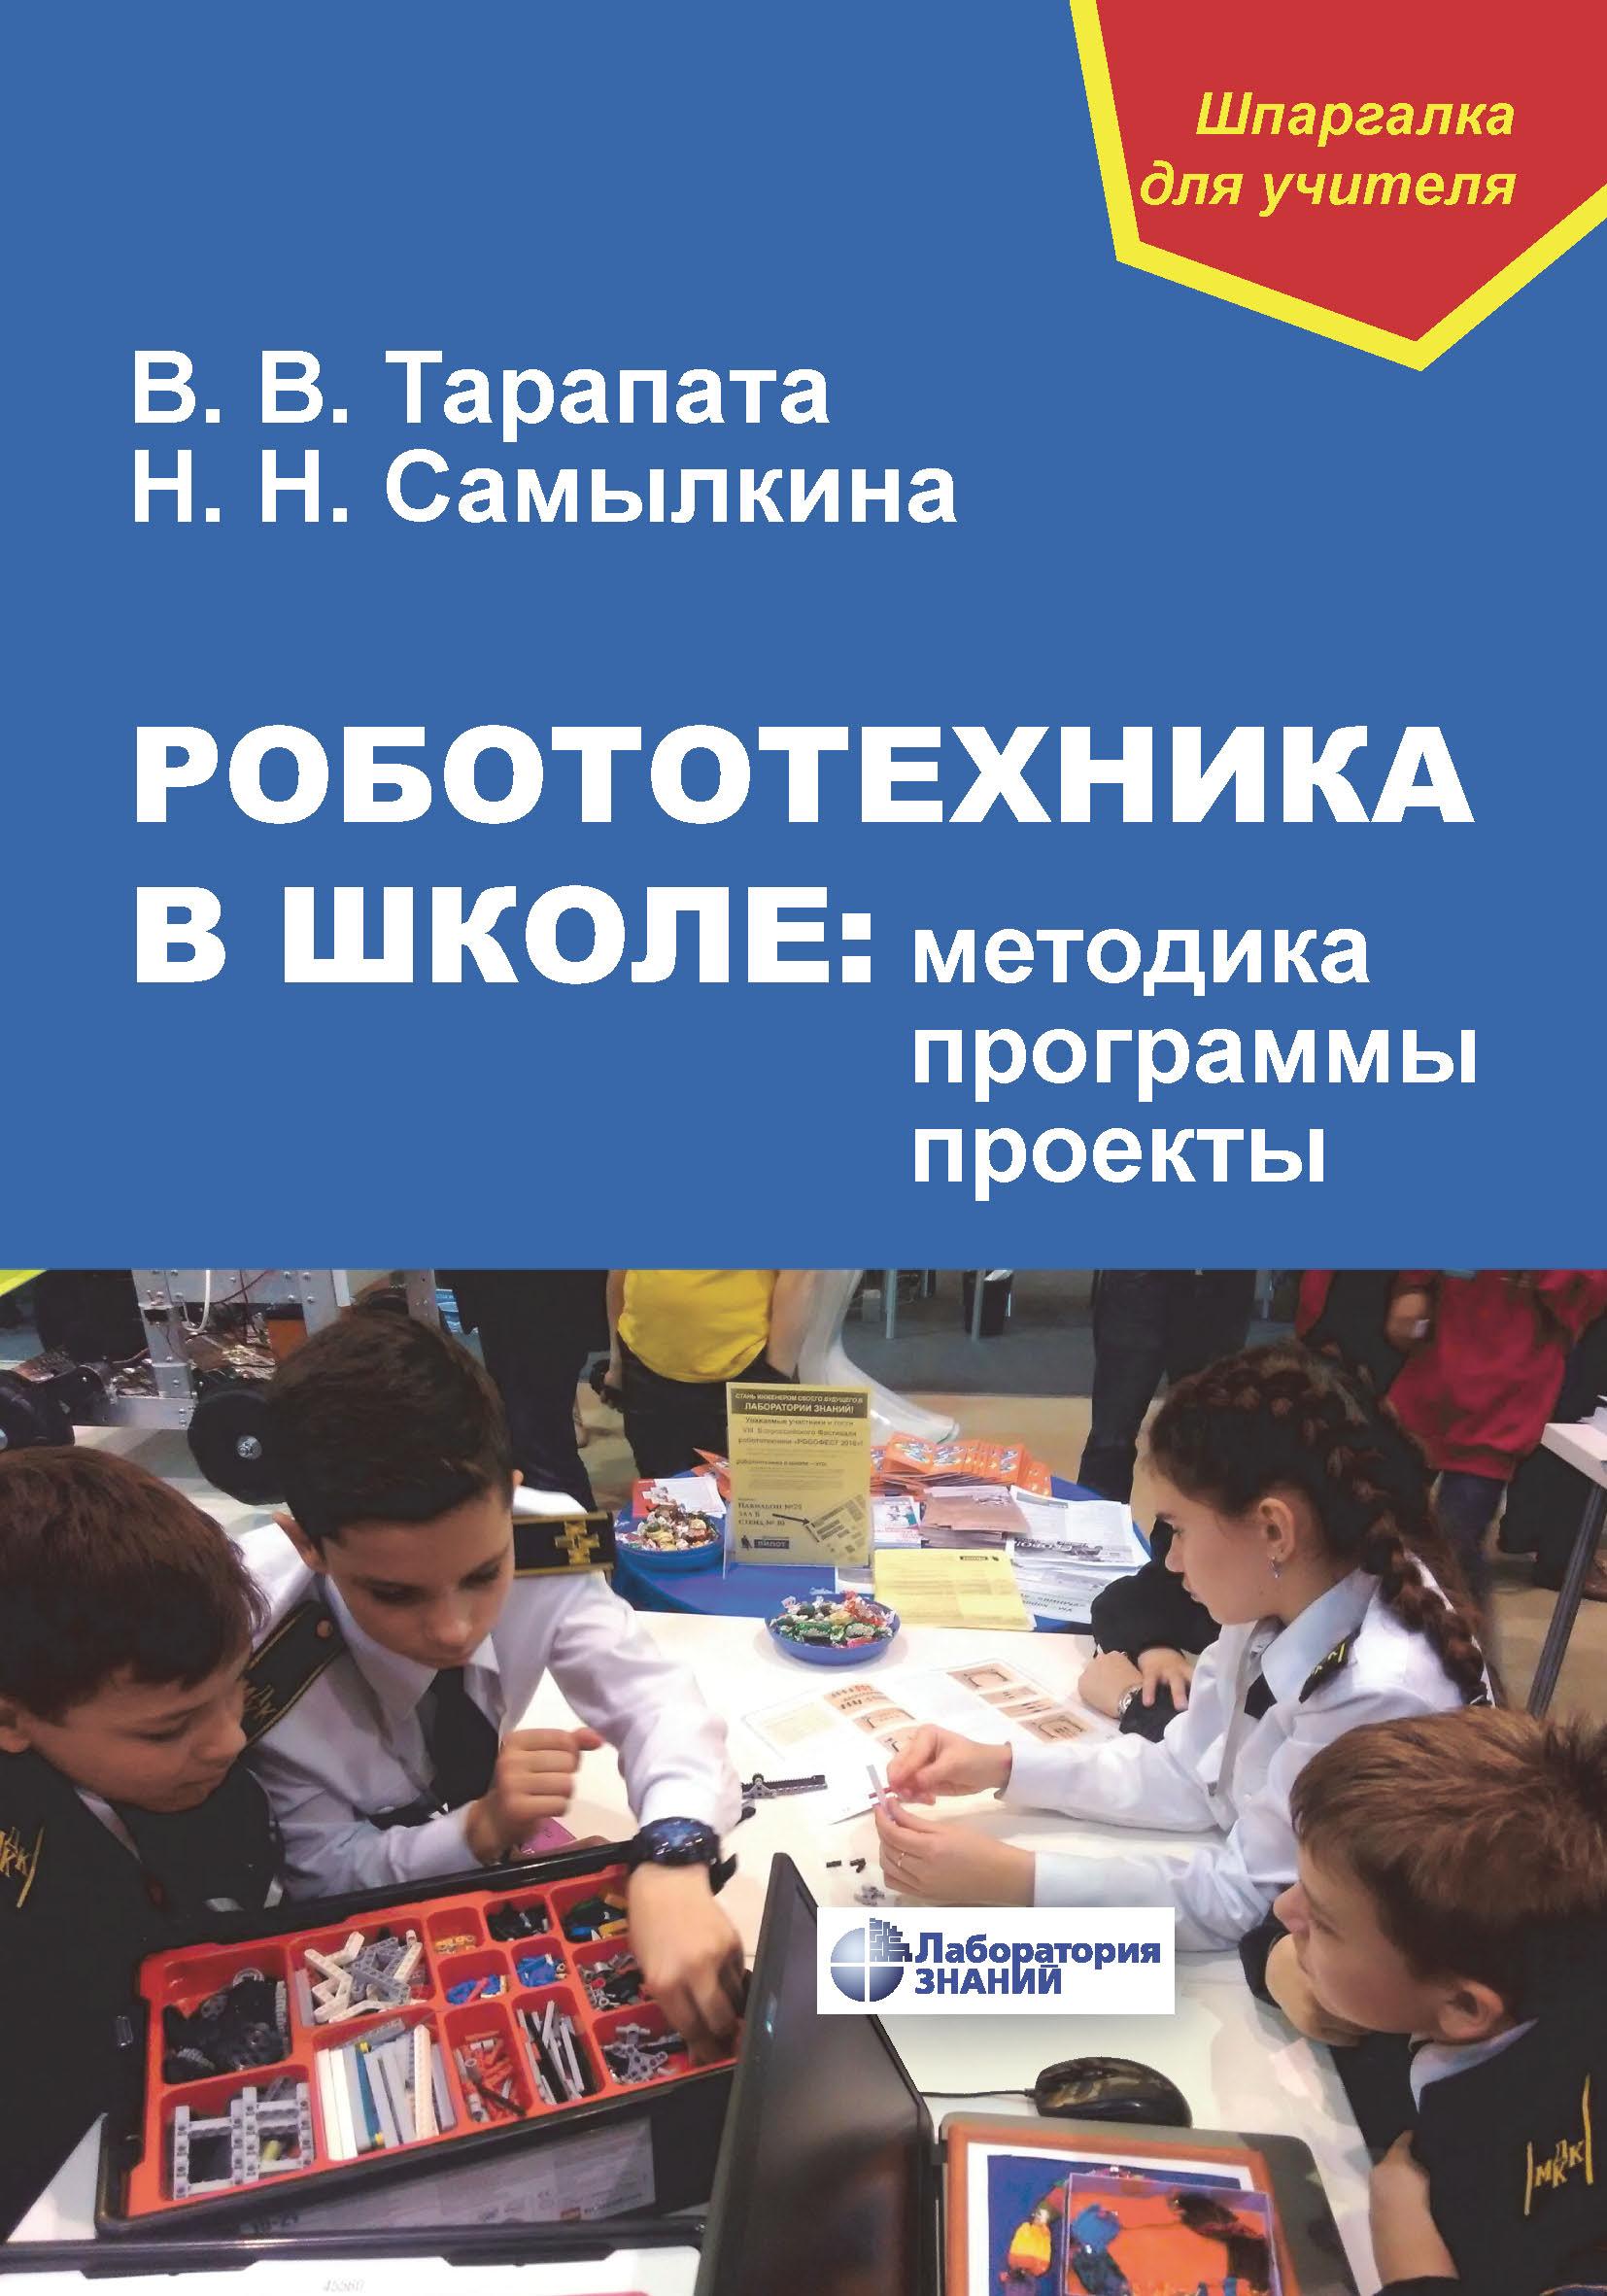 Н. Н. Самылкина Робототехника в школе: методика, программы, проекты